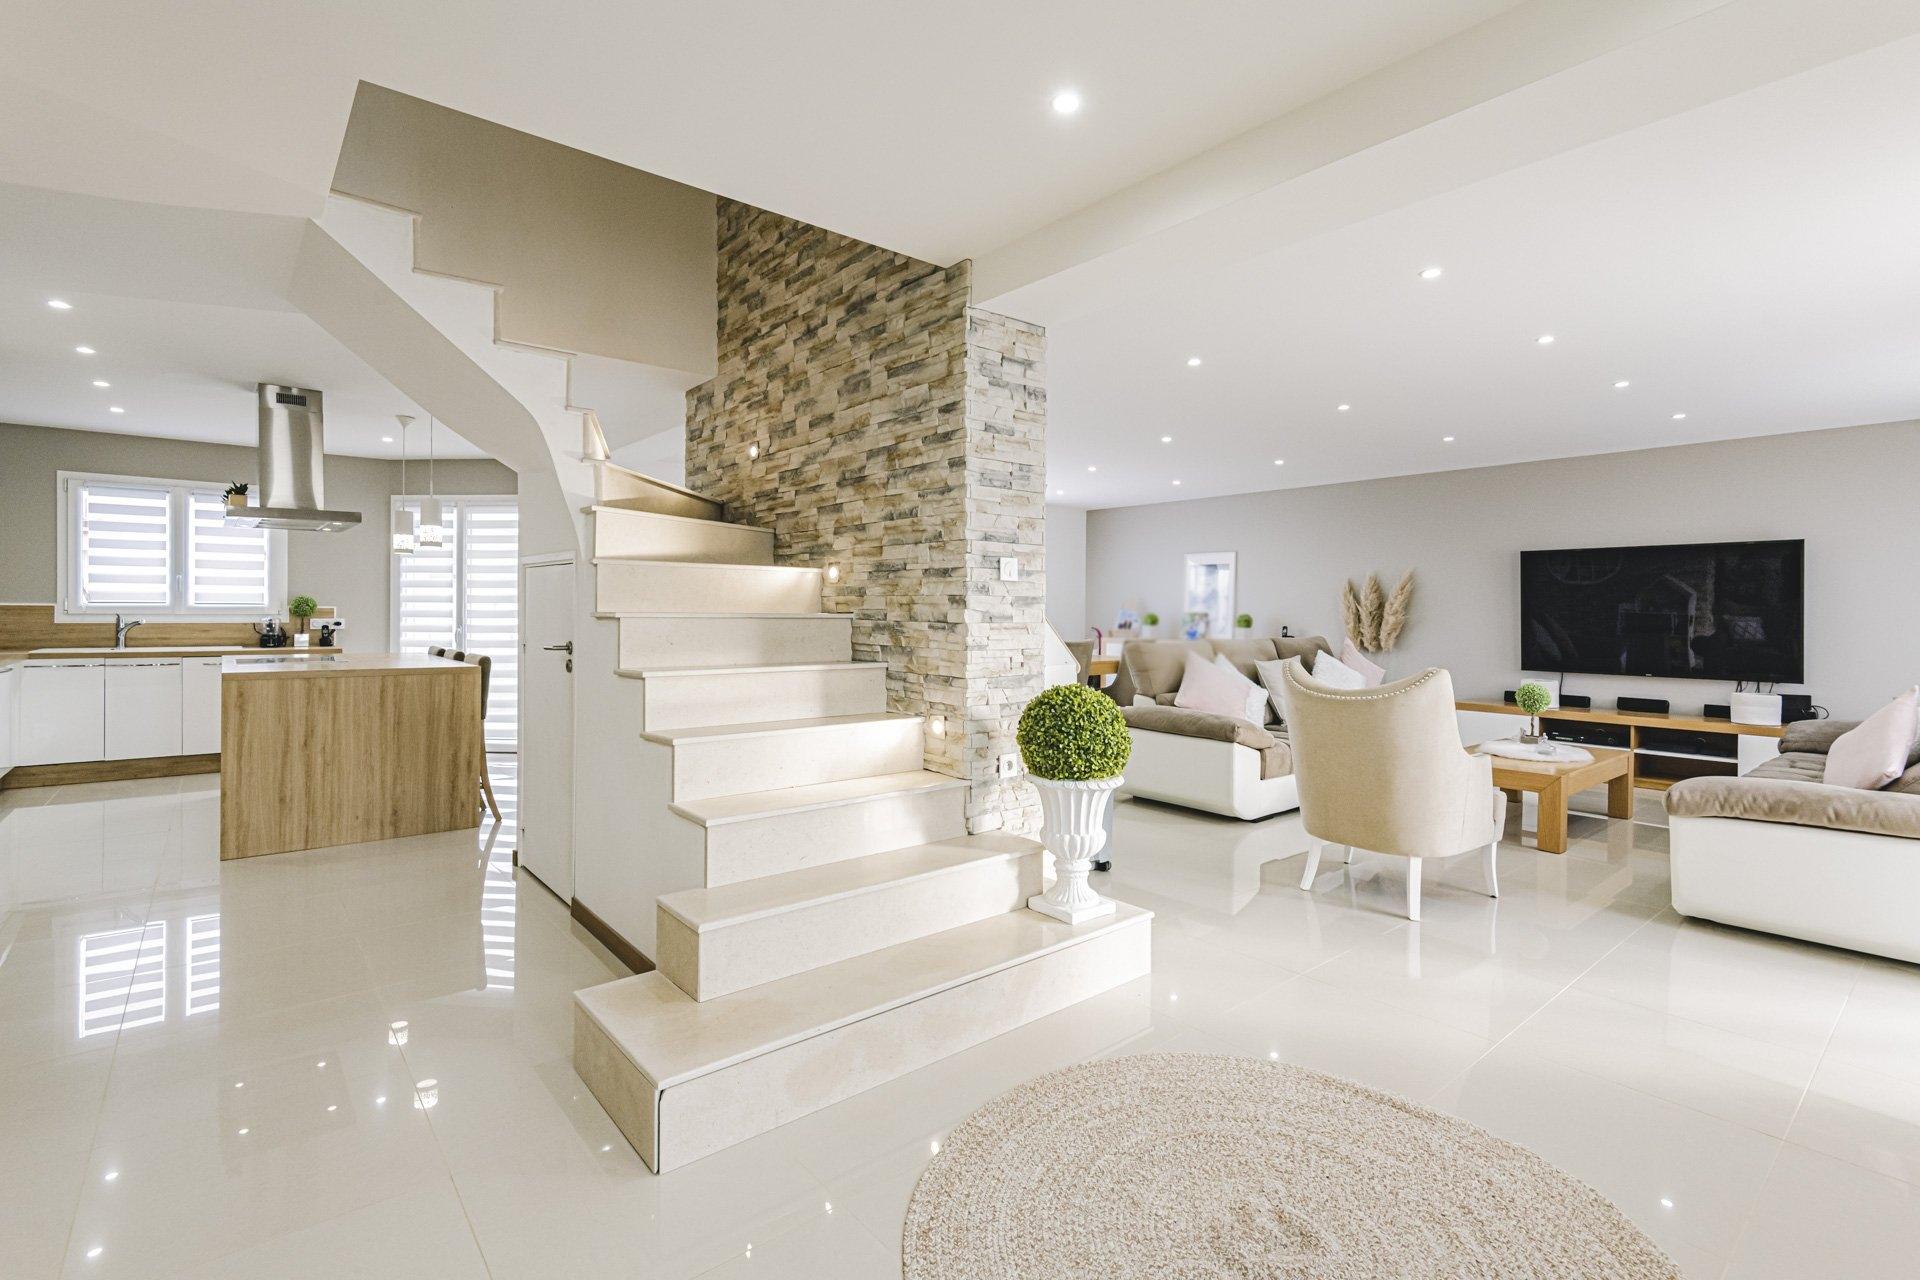 Maison Champigny 6 Pièces 160 m2 - 5